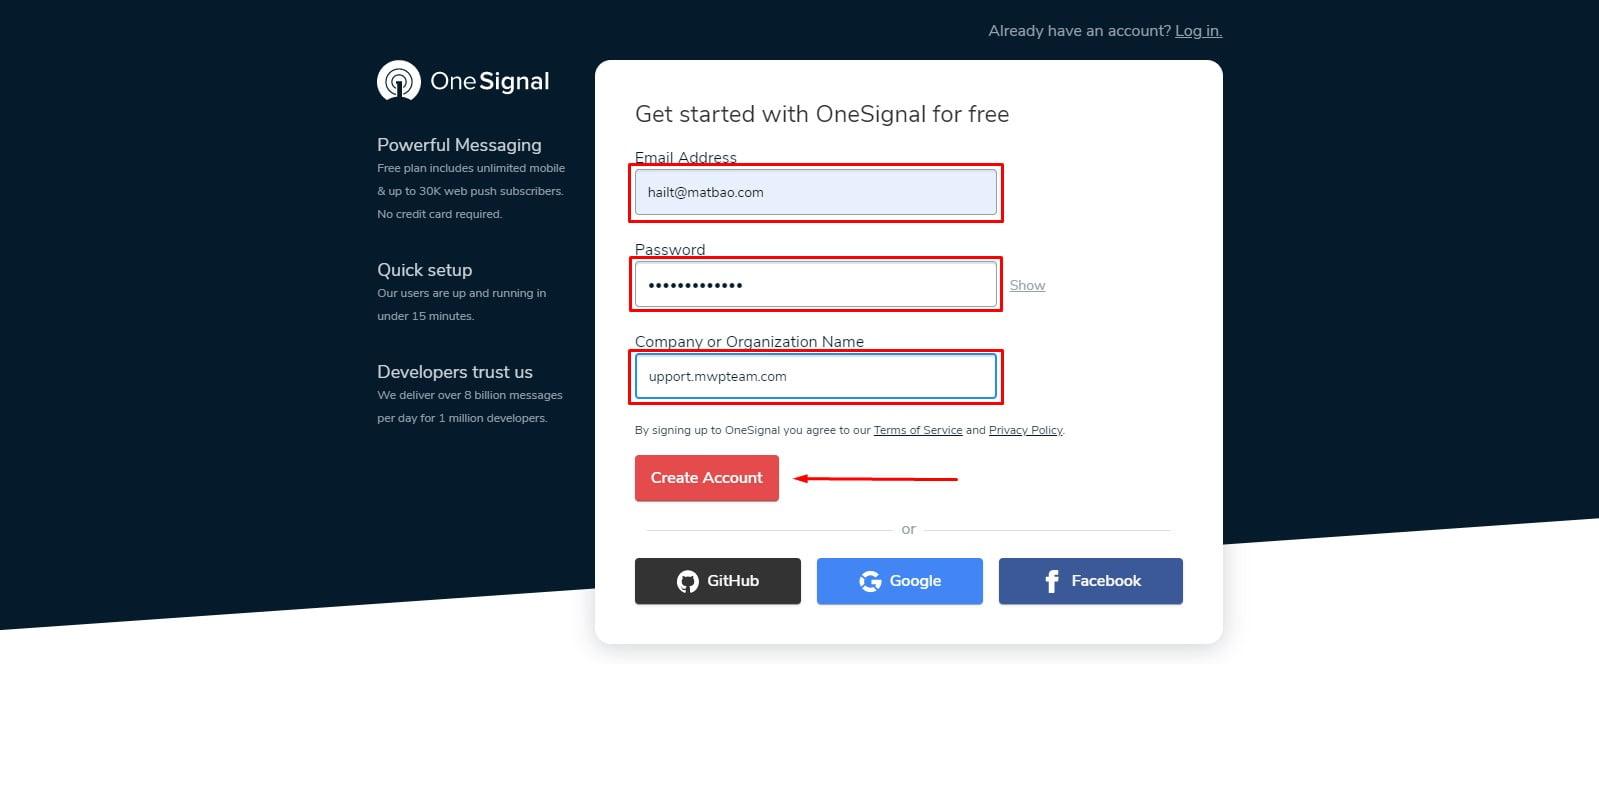 09 - Hướng dẫn cài đặt thông báo đẩy OneSignal cho WordPress từ A tới Z - Trung tâm hỗ trợ kỹ thuật